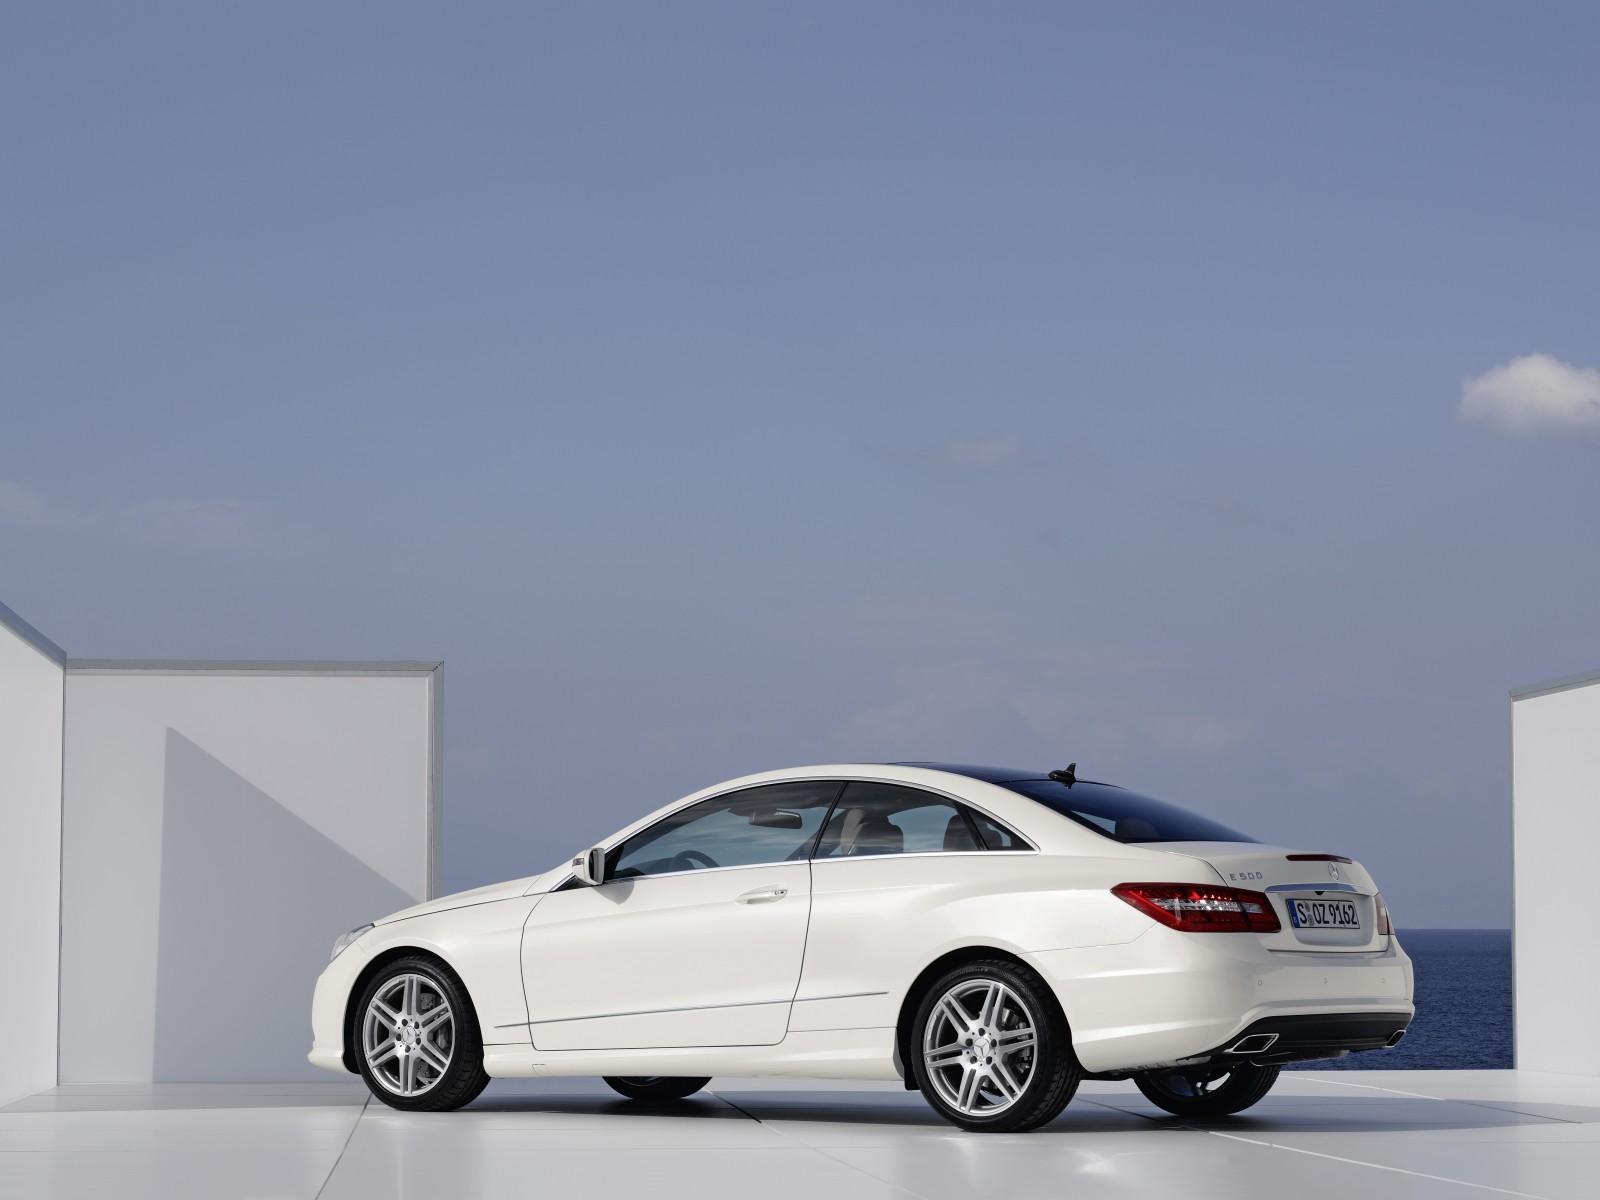 2009 mercedes benz e 500 coupe motor desktop for Mercedes benz 500 e